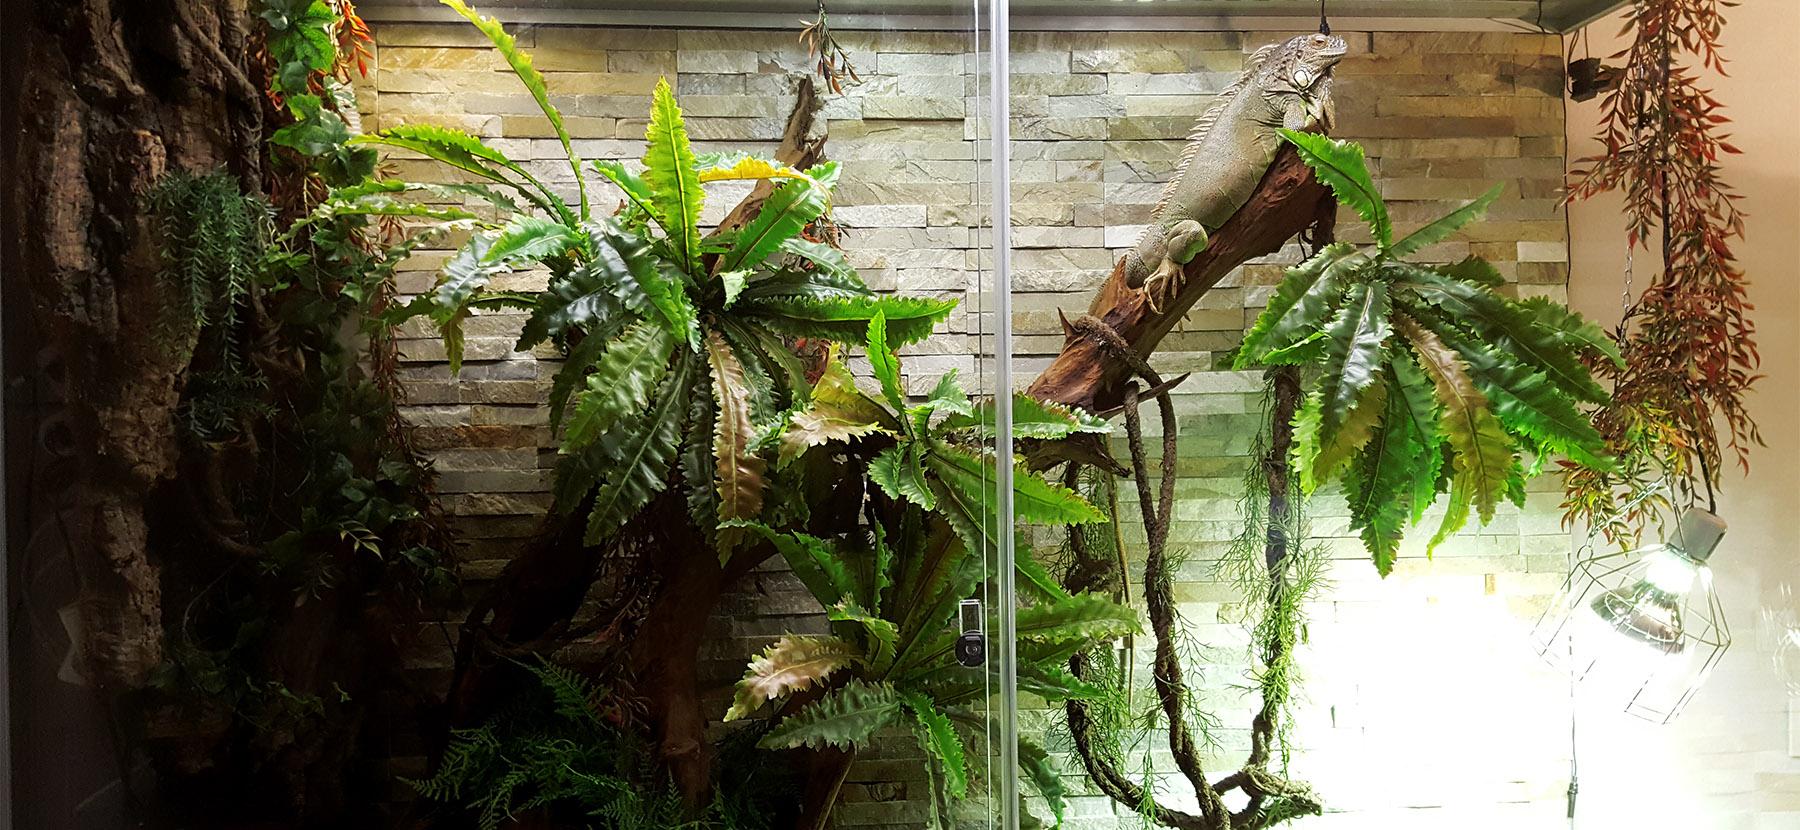 terrario-gigante-huge-vivarium